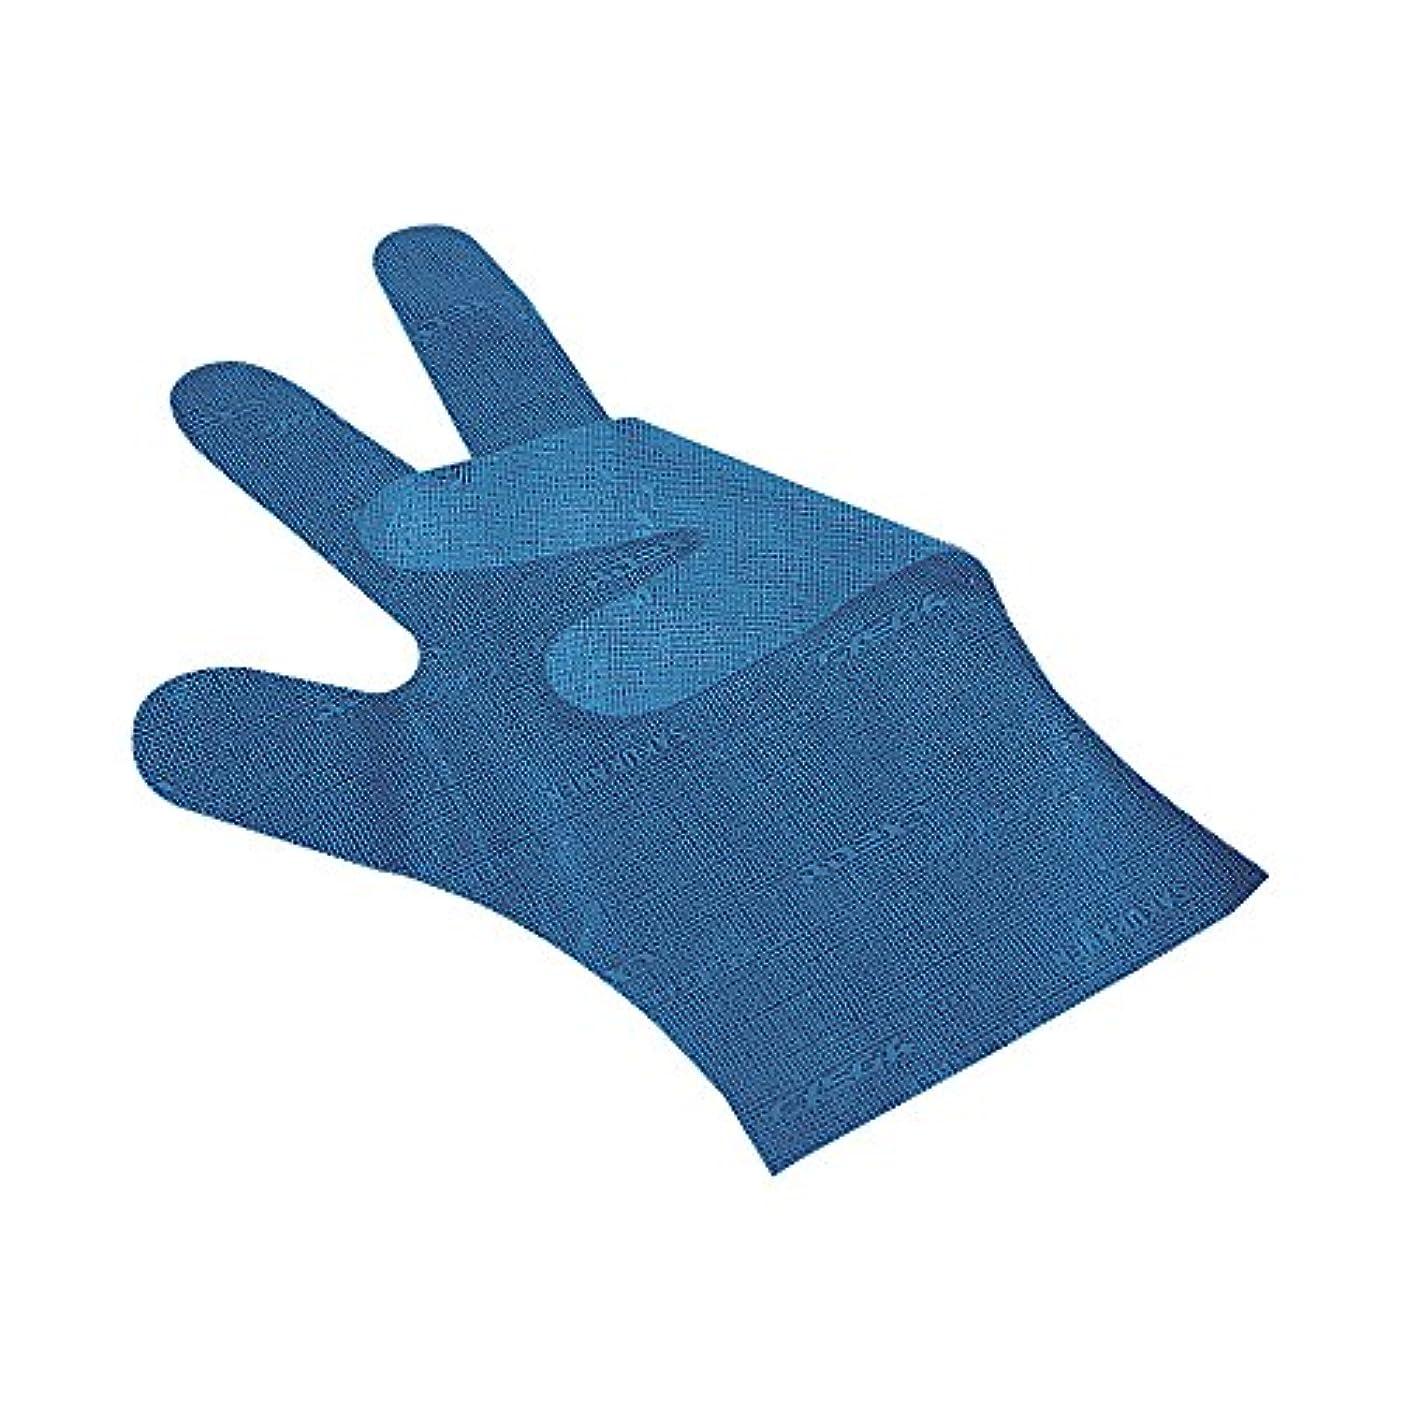 感情組み込むのみサクラメンエンボス手袋 デラックス ブルー M 100枚入